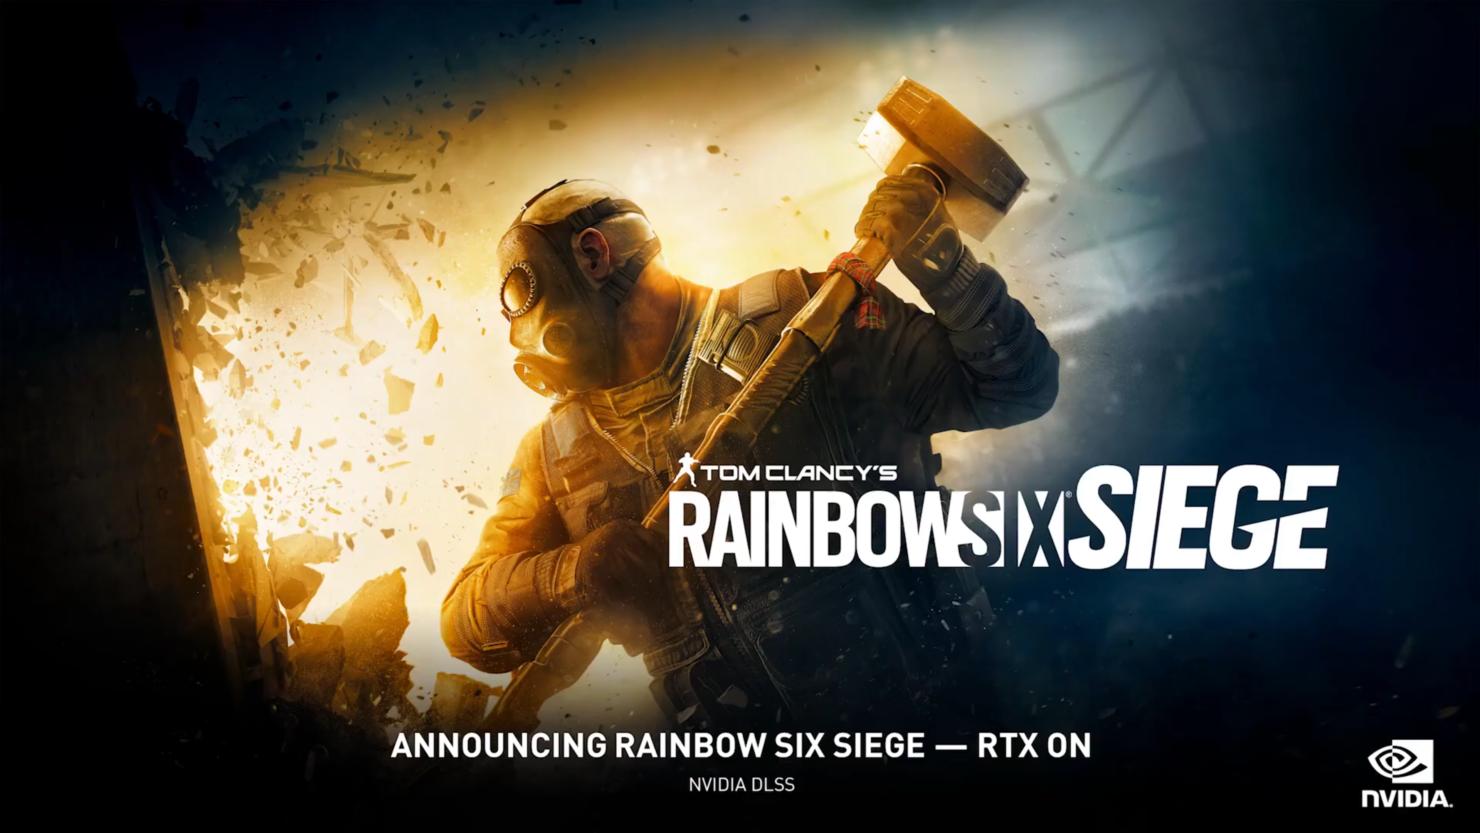 nvidia-rtx-dlss-rainbow-six-siege